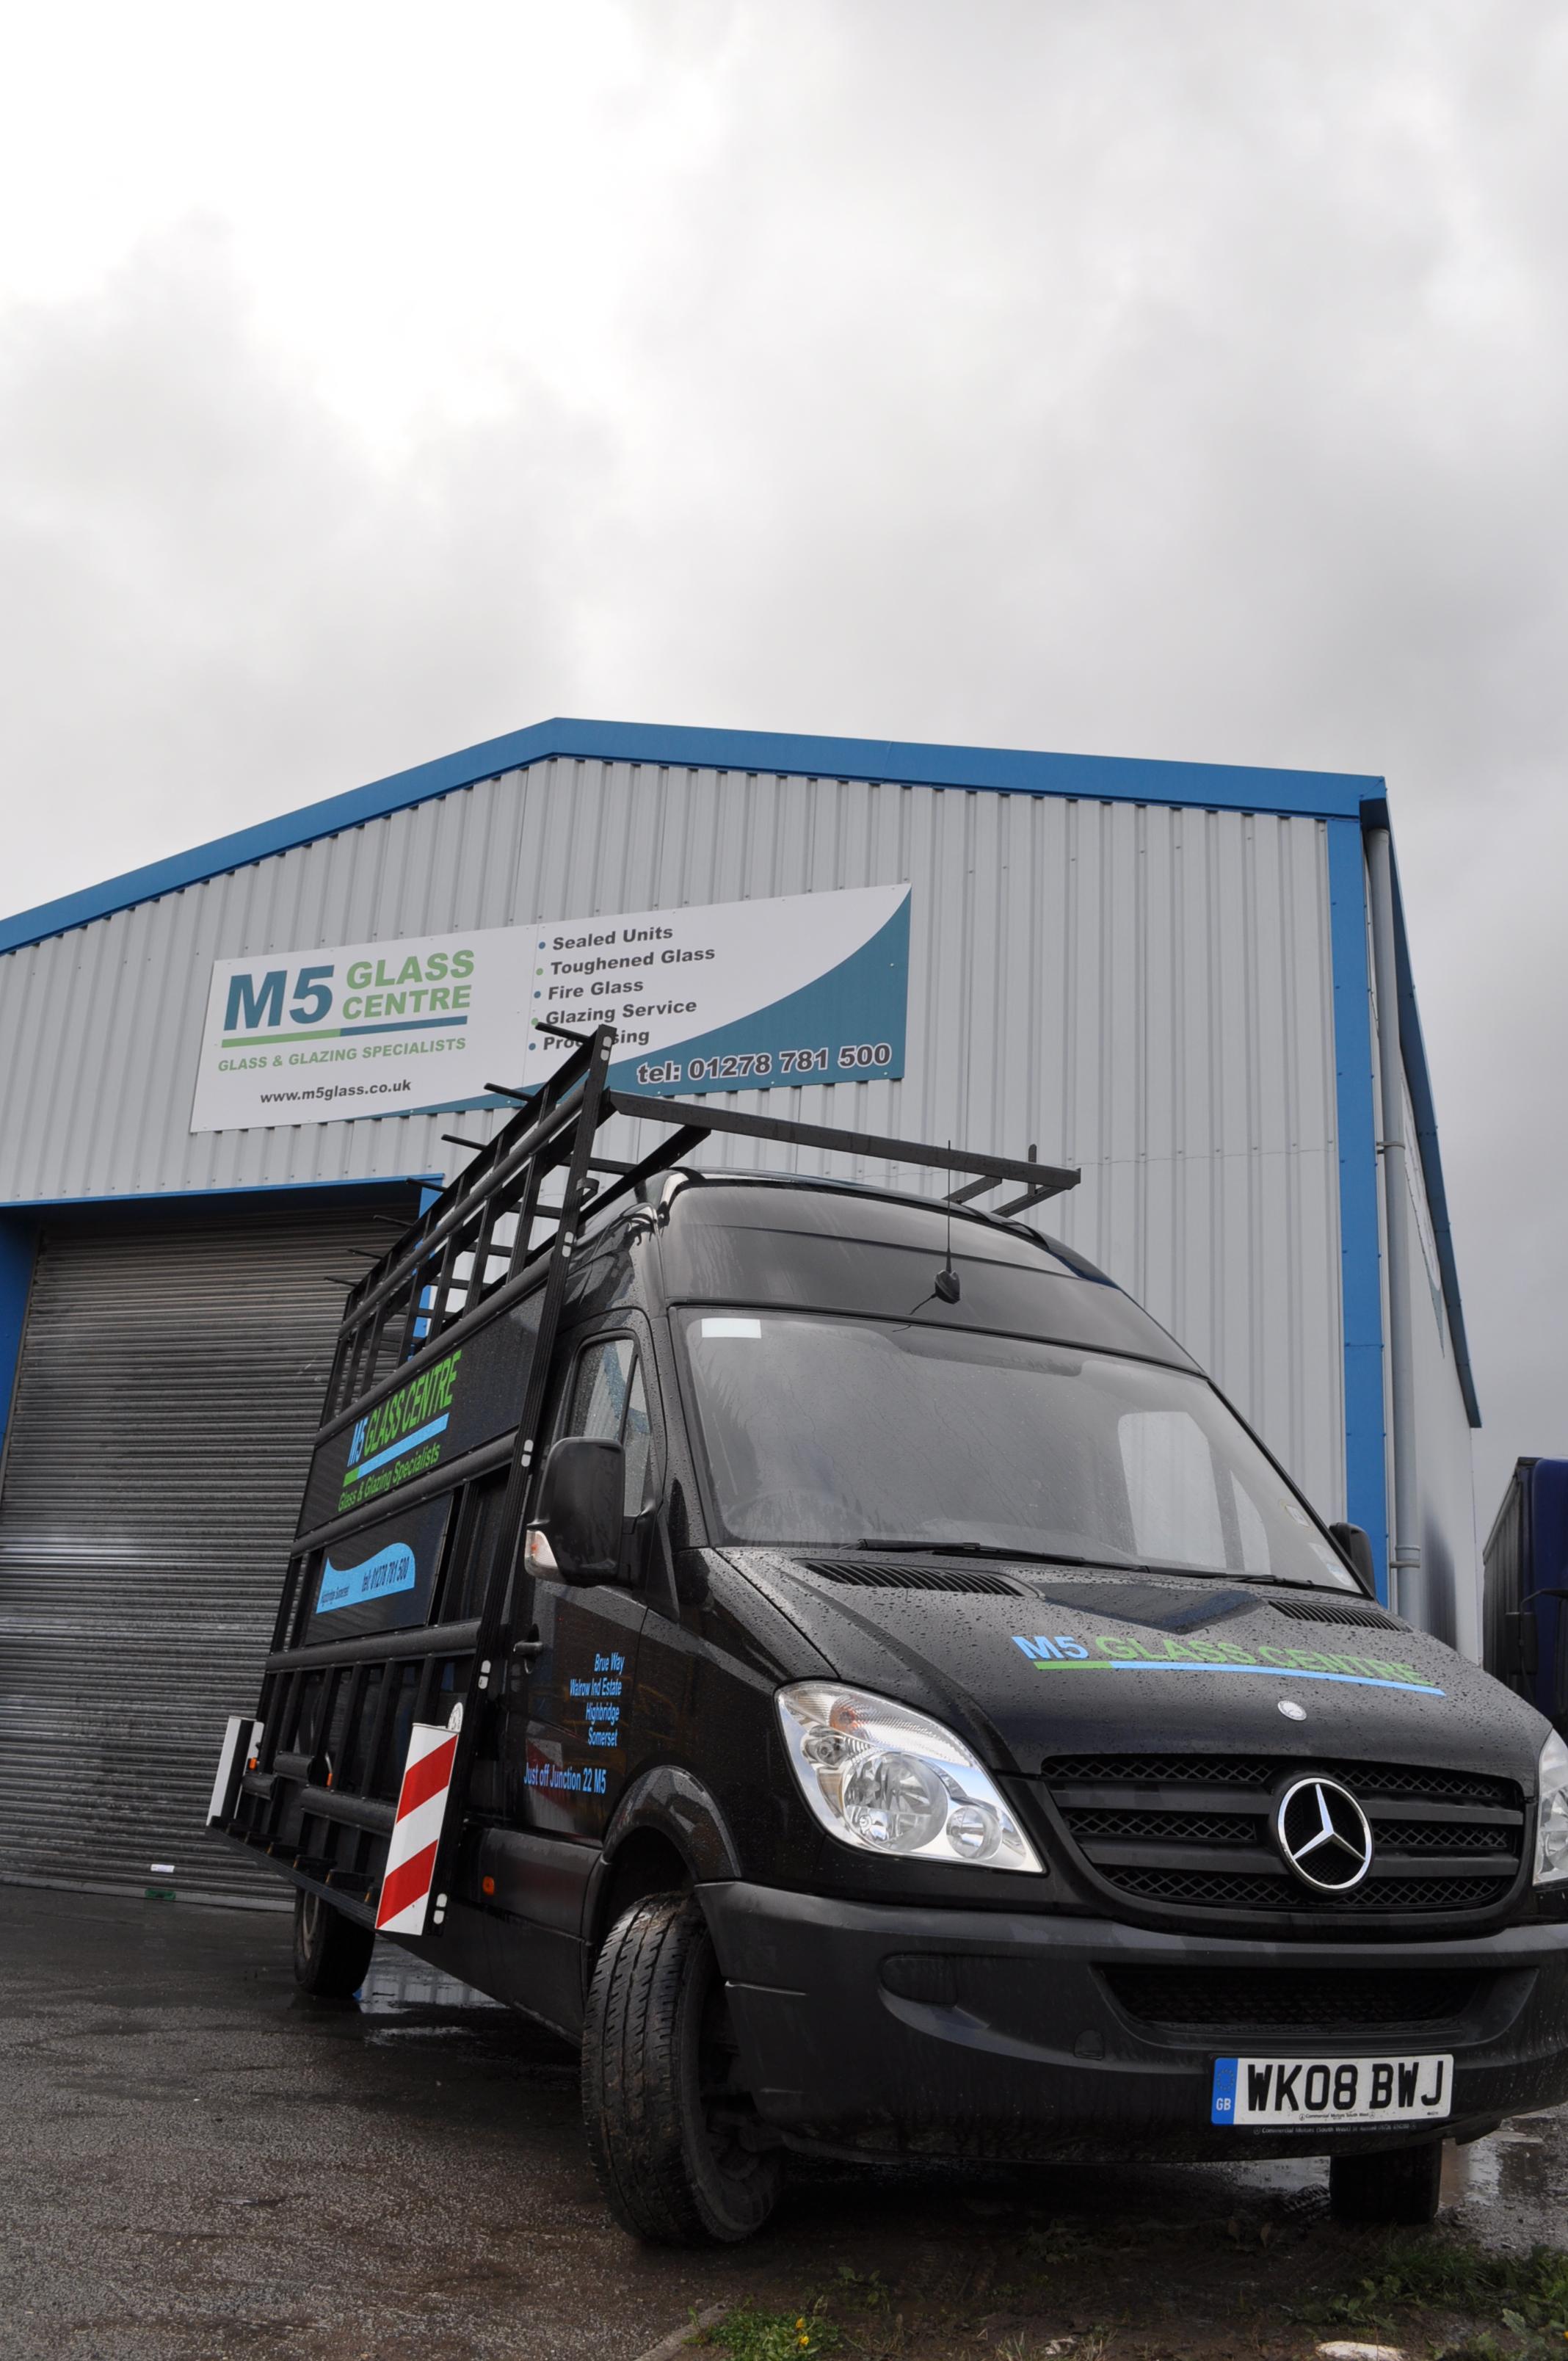 M5 Glass Centre Van